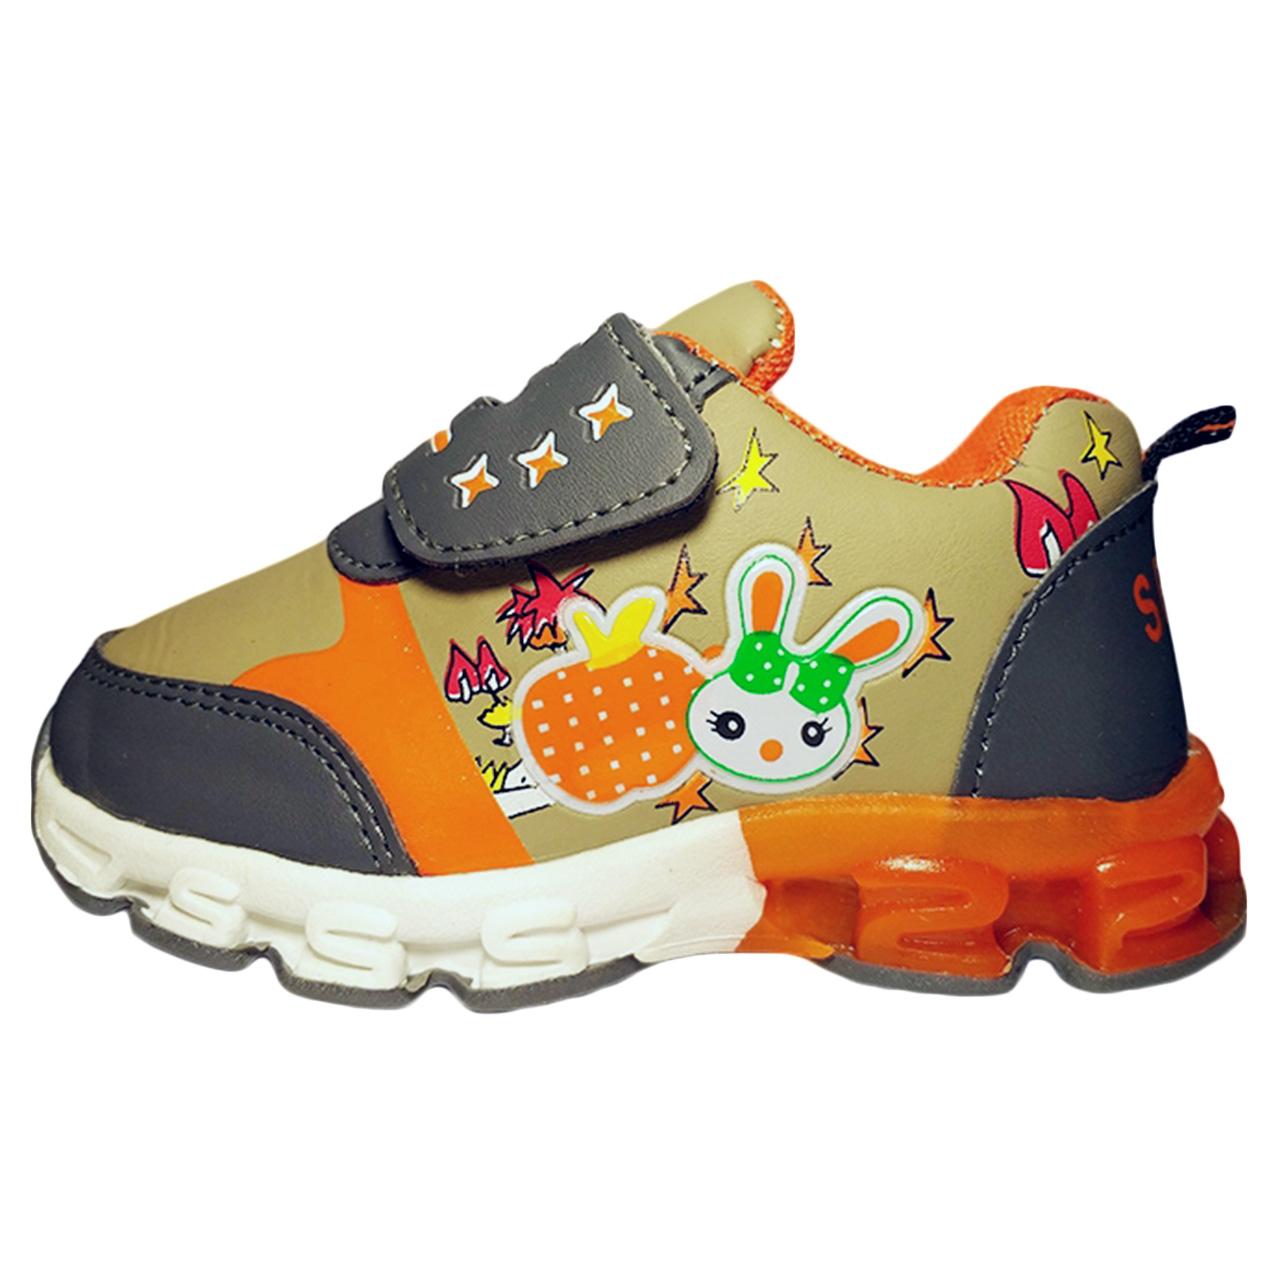 کفش بچه گانه مدل ORANGE_DS02